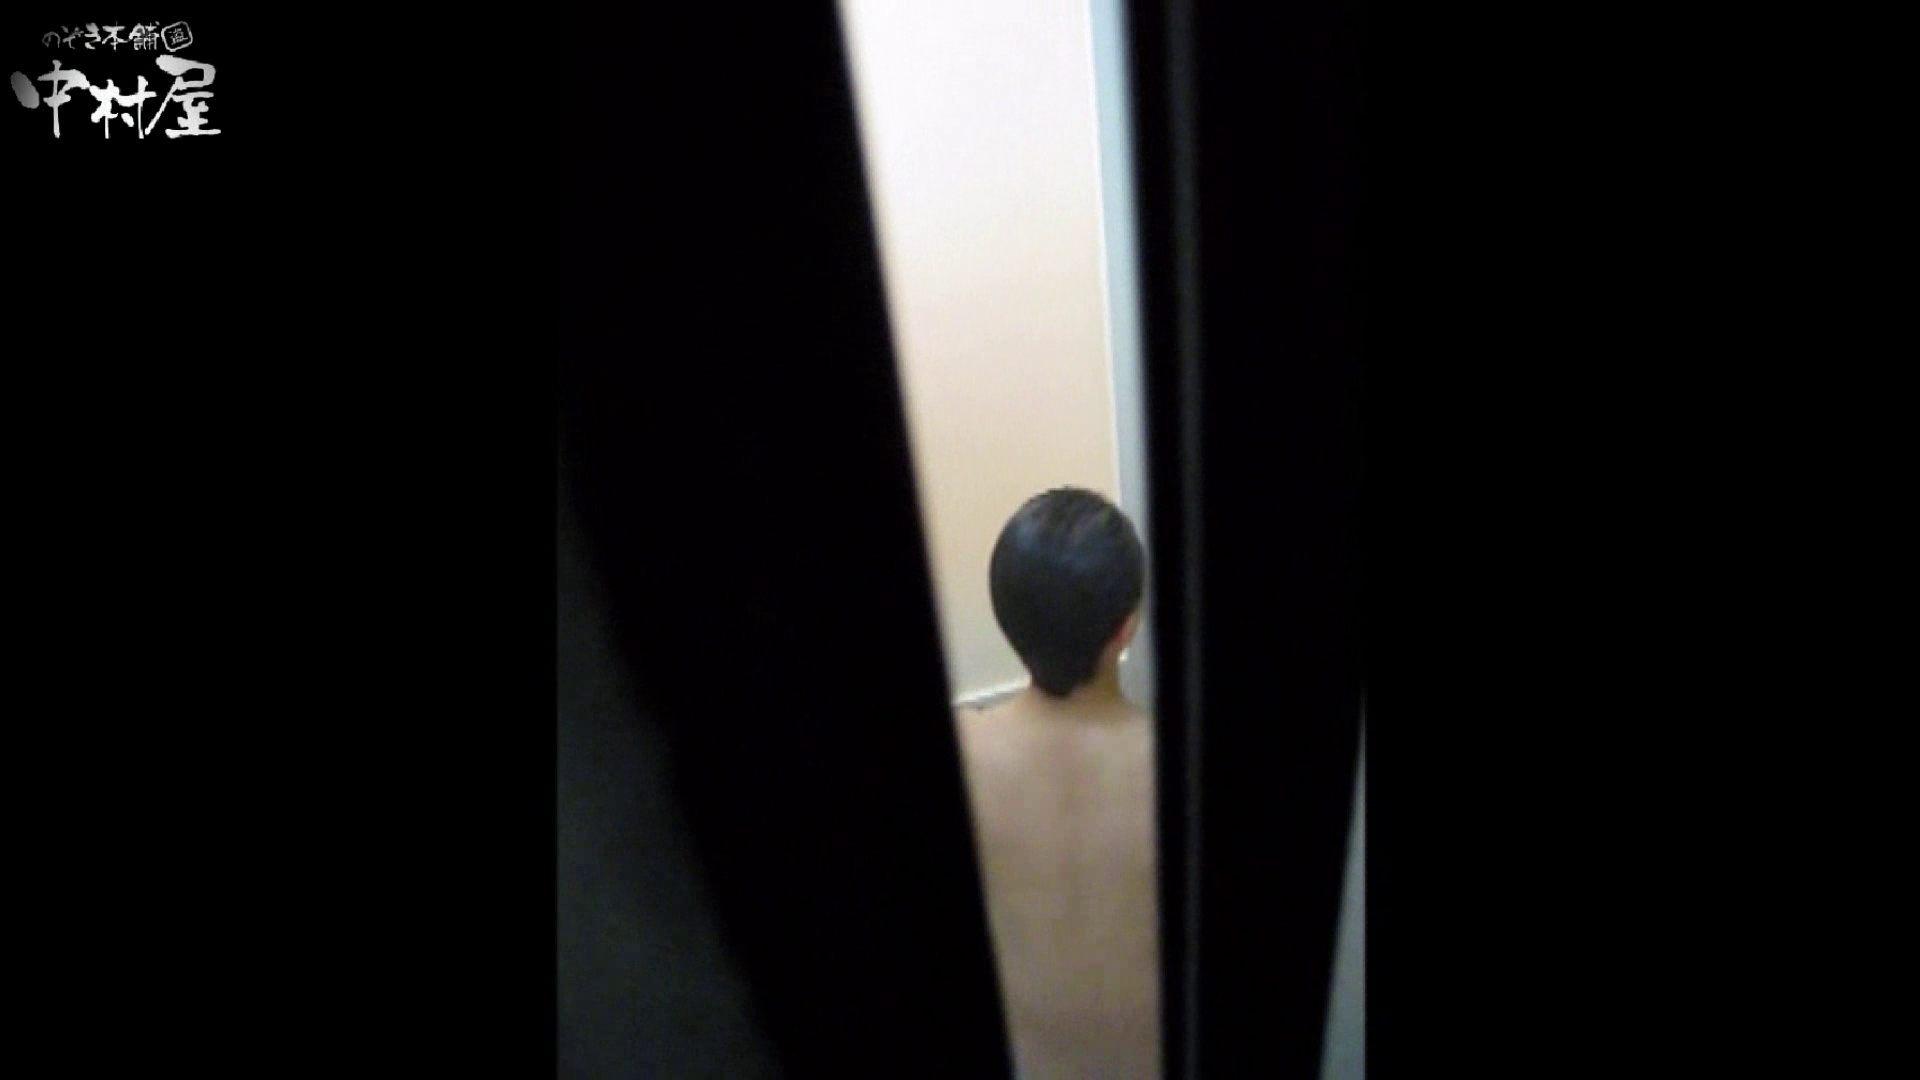 民家風呂専門盗撮師の超危険映像 vol.006 盗撮シリーズ | 民家シリーズ  88PIX 71